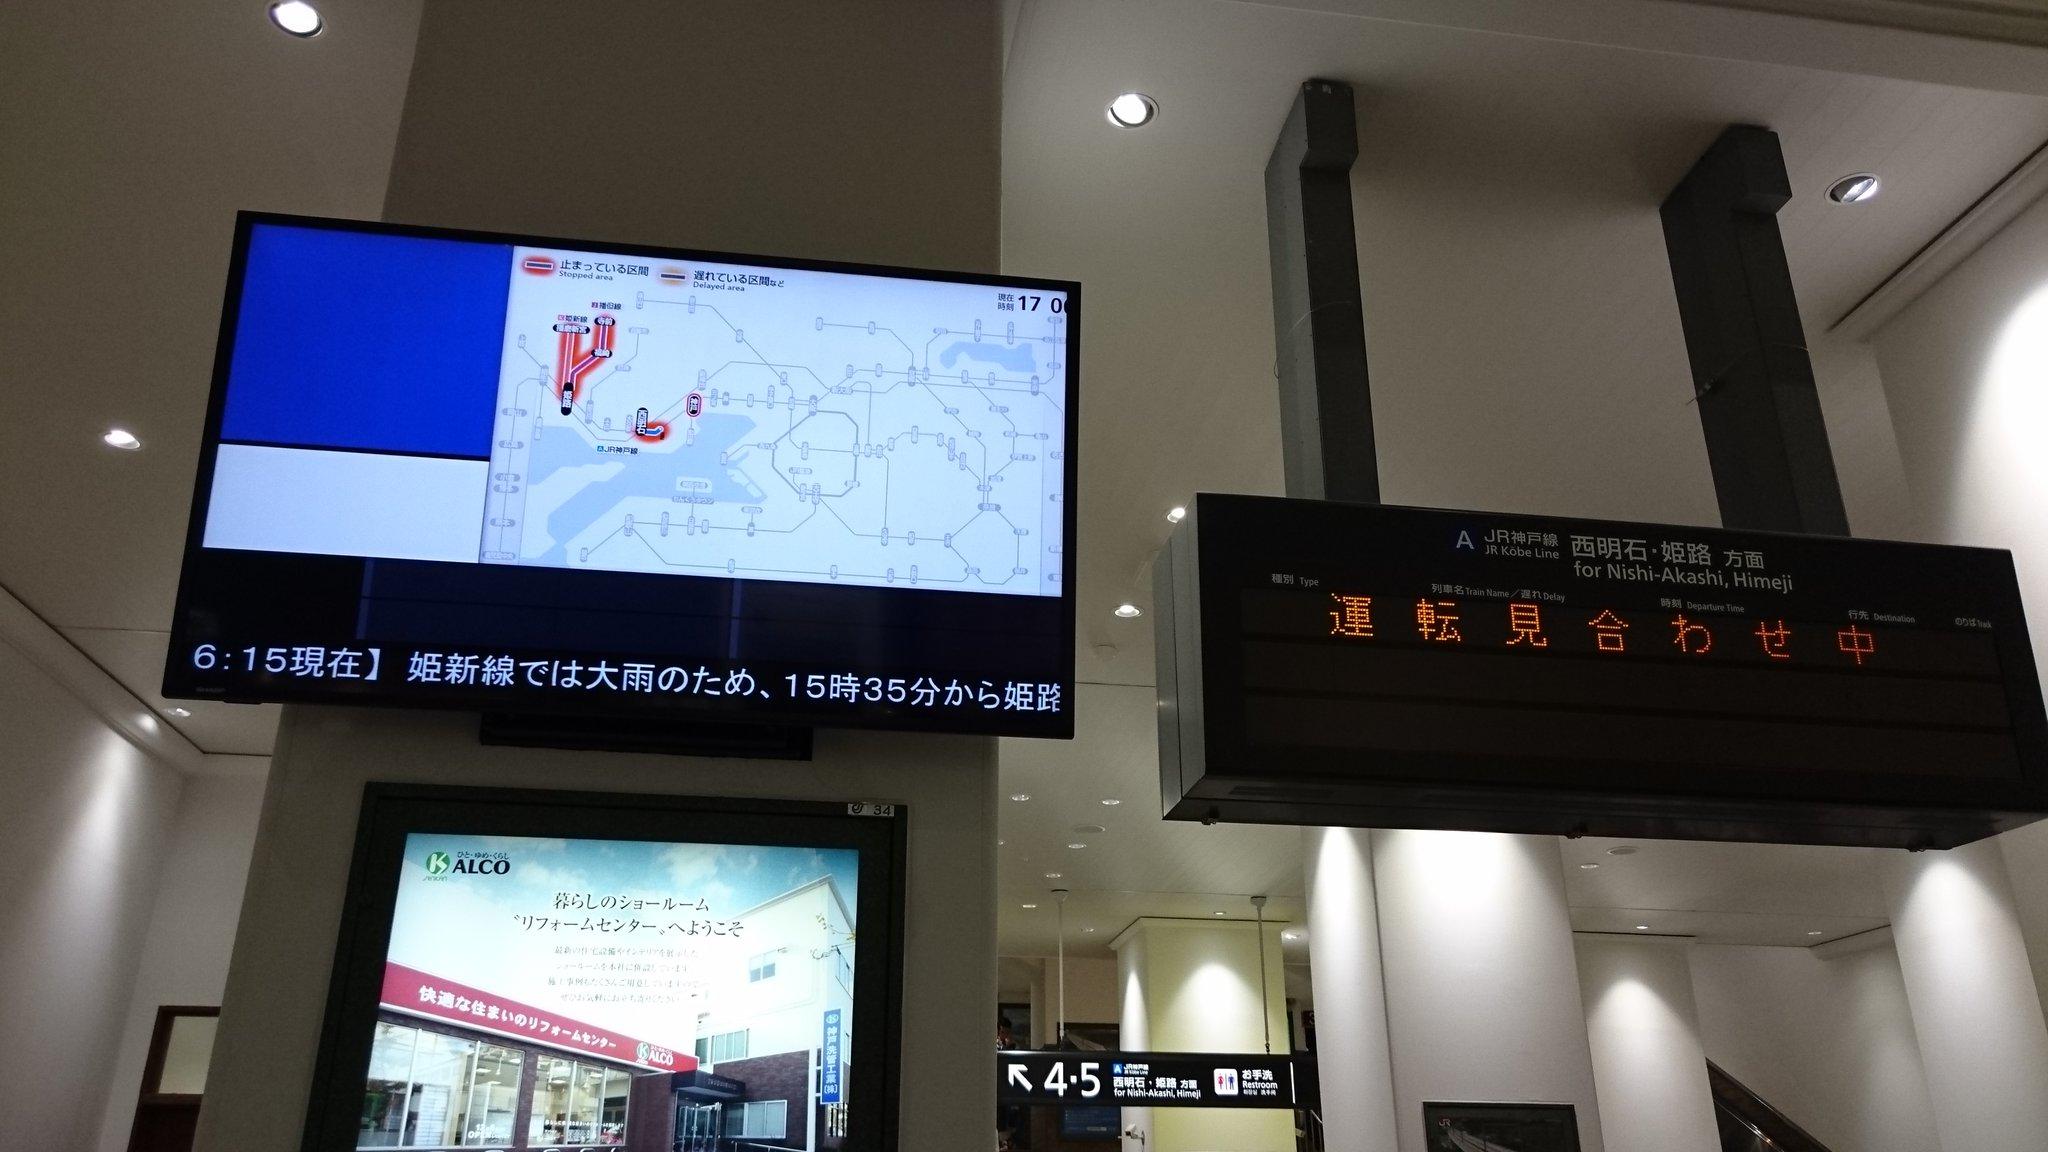 画像,JR神戸線 塩屋駅にてお客様と列車が接触した為、運転を順次見合せ中振替輸送は手配中神戸駅より#JR神戸線#神戸駅#運転見合せ#JR西日本 https://t.c…